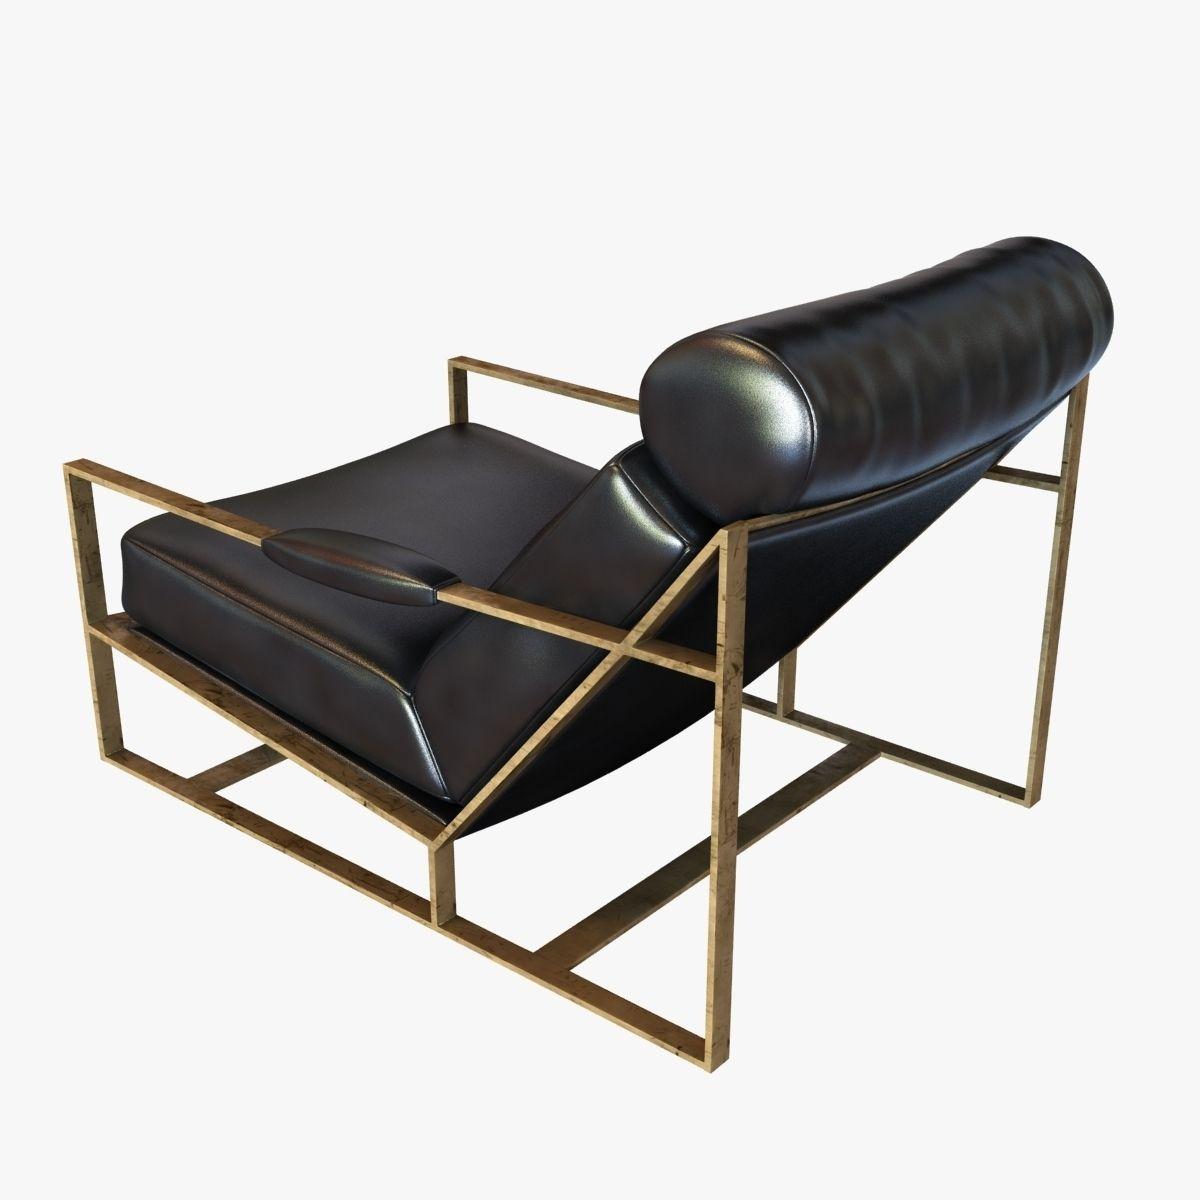 ... Milo Baughman Rare Bronze Frame Black Leather Lounge Chair 3d Model Max  Obj 3ds Fbx Mtl ...